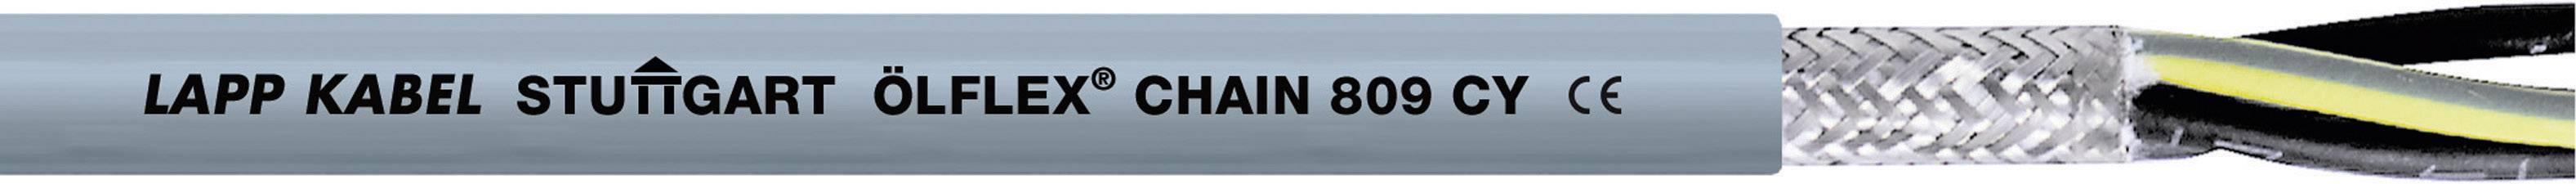 Žíla kabelu LappKabel ÖLFLEX CHAIN 809 CY 2X1,5 (1026775), 2x 1,5 mm², PVC, Ø 7,1 mm, stíněný, 50 m, šedá